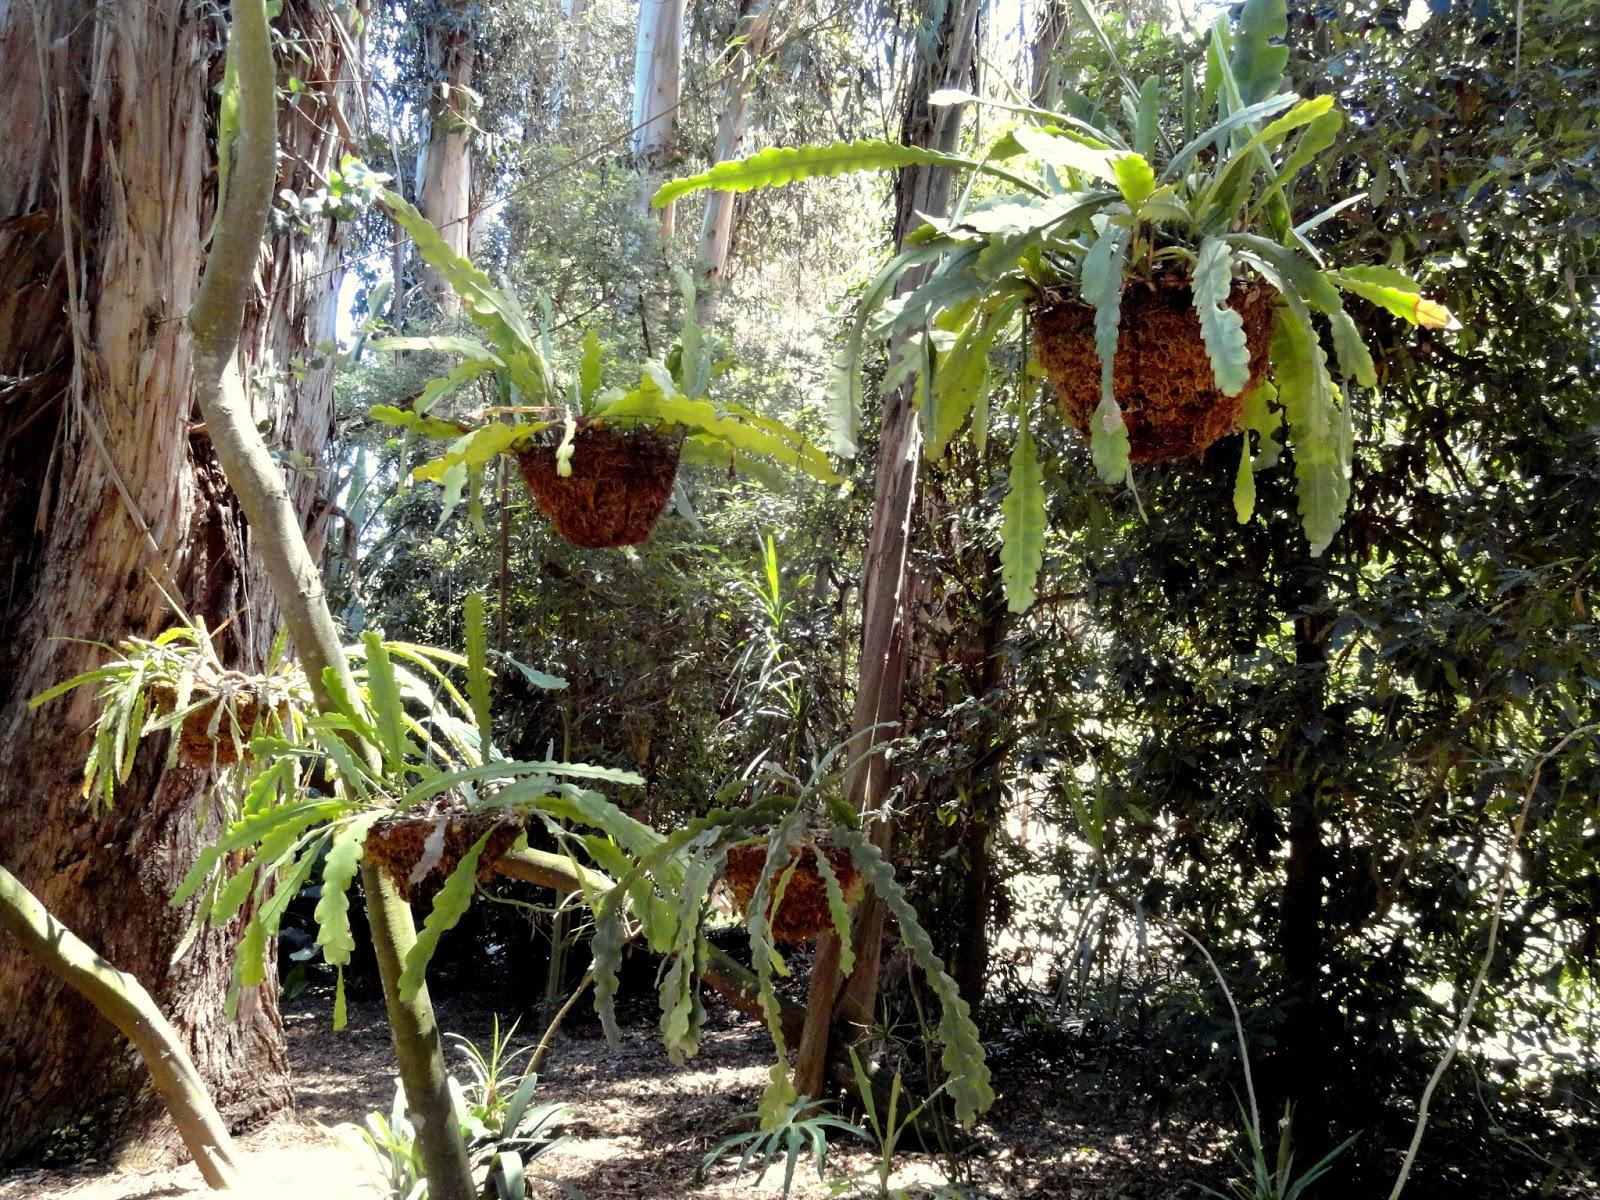 lotusland the tropical garden en route to the cycad garden - Tropical Garden 2016